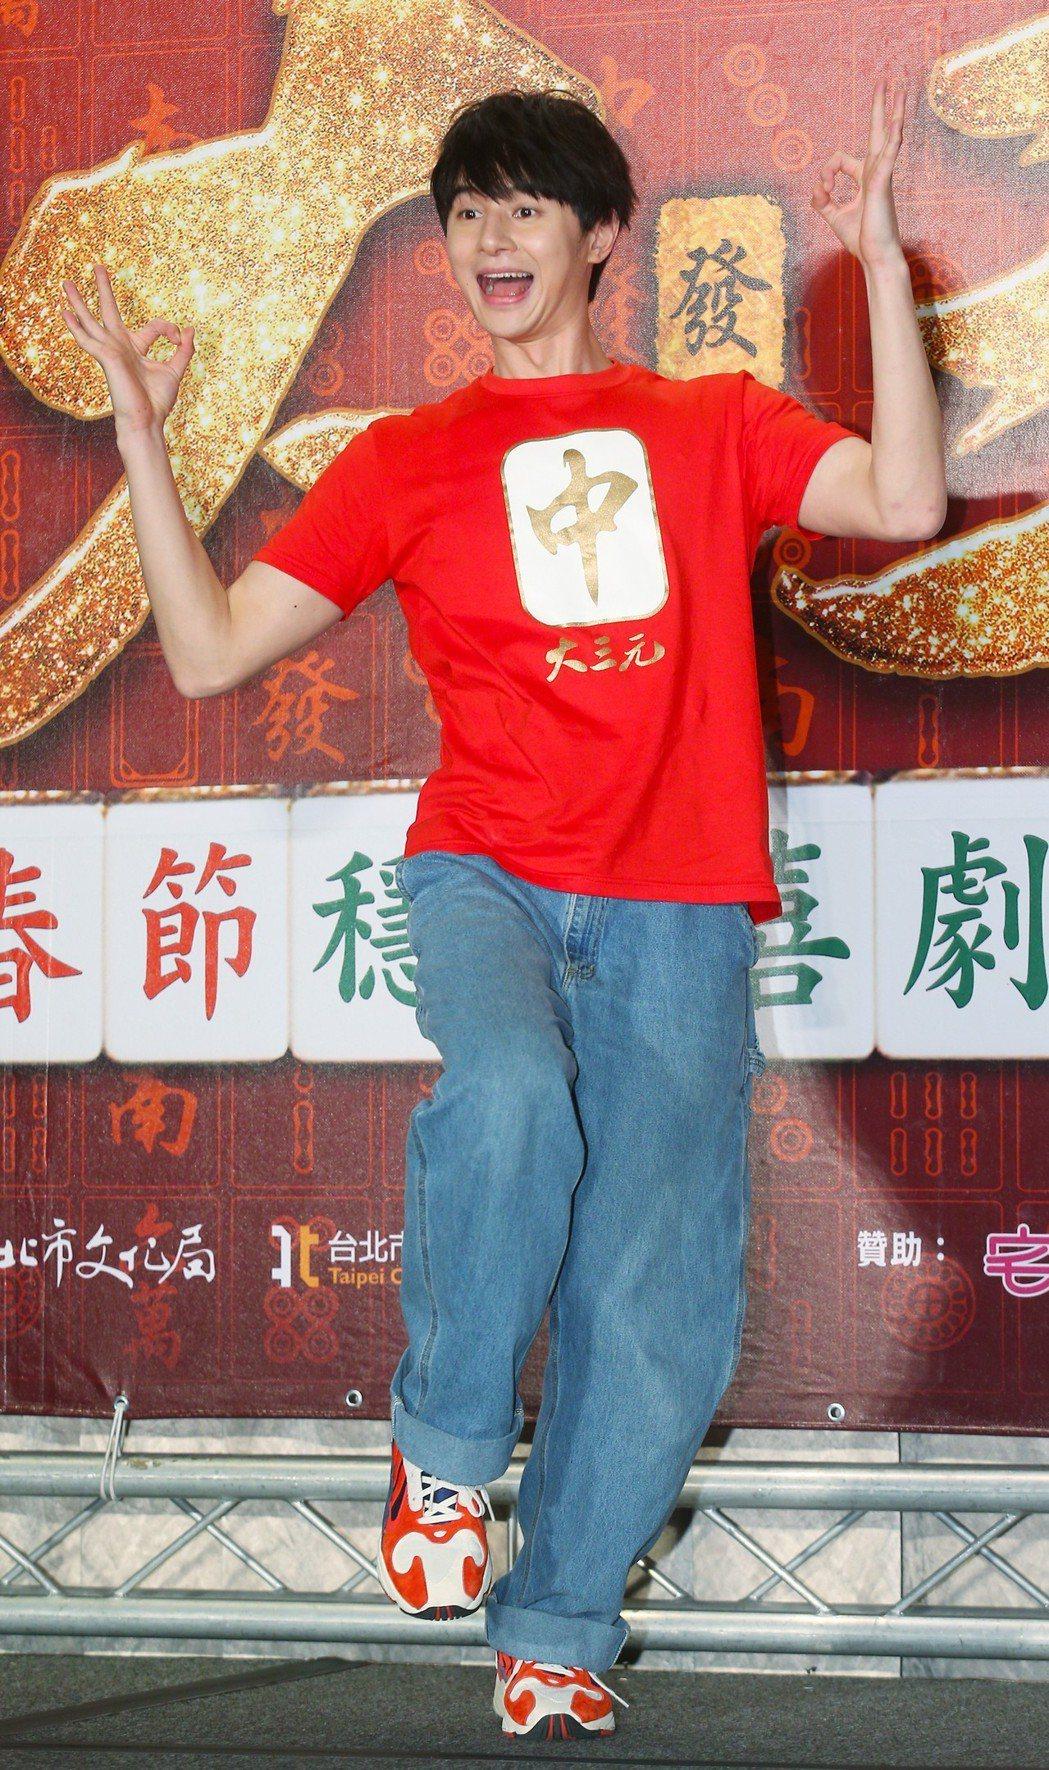 張軒睿演出賀歲片「大三元」。記者陳正興/攝影